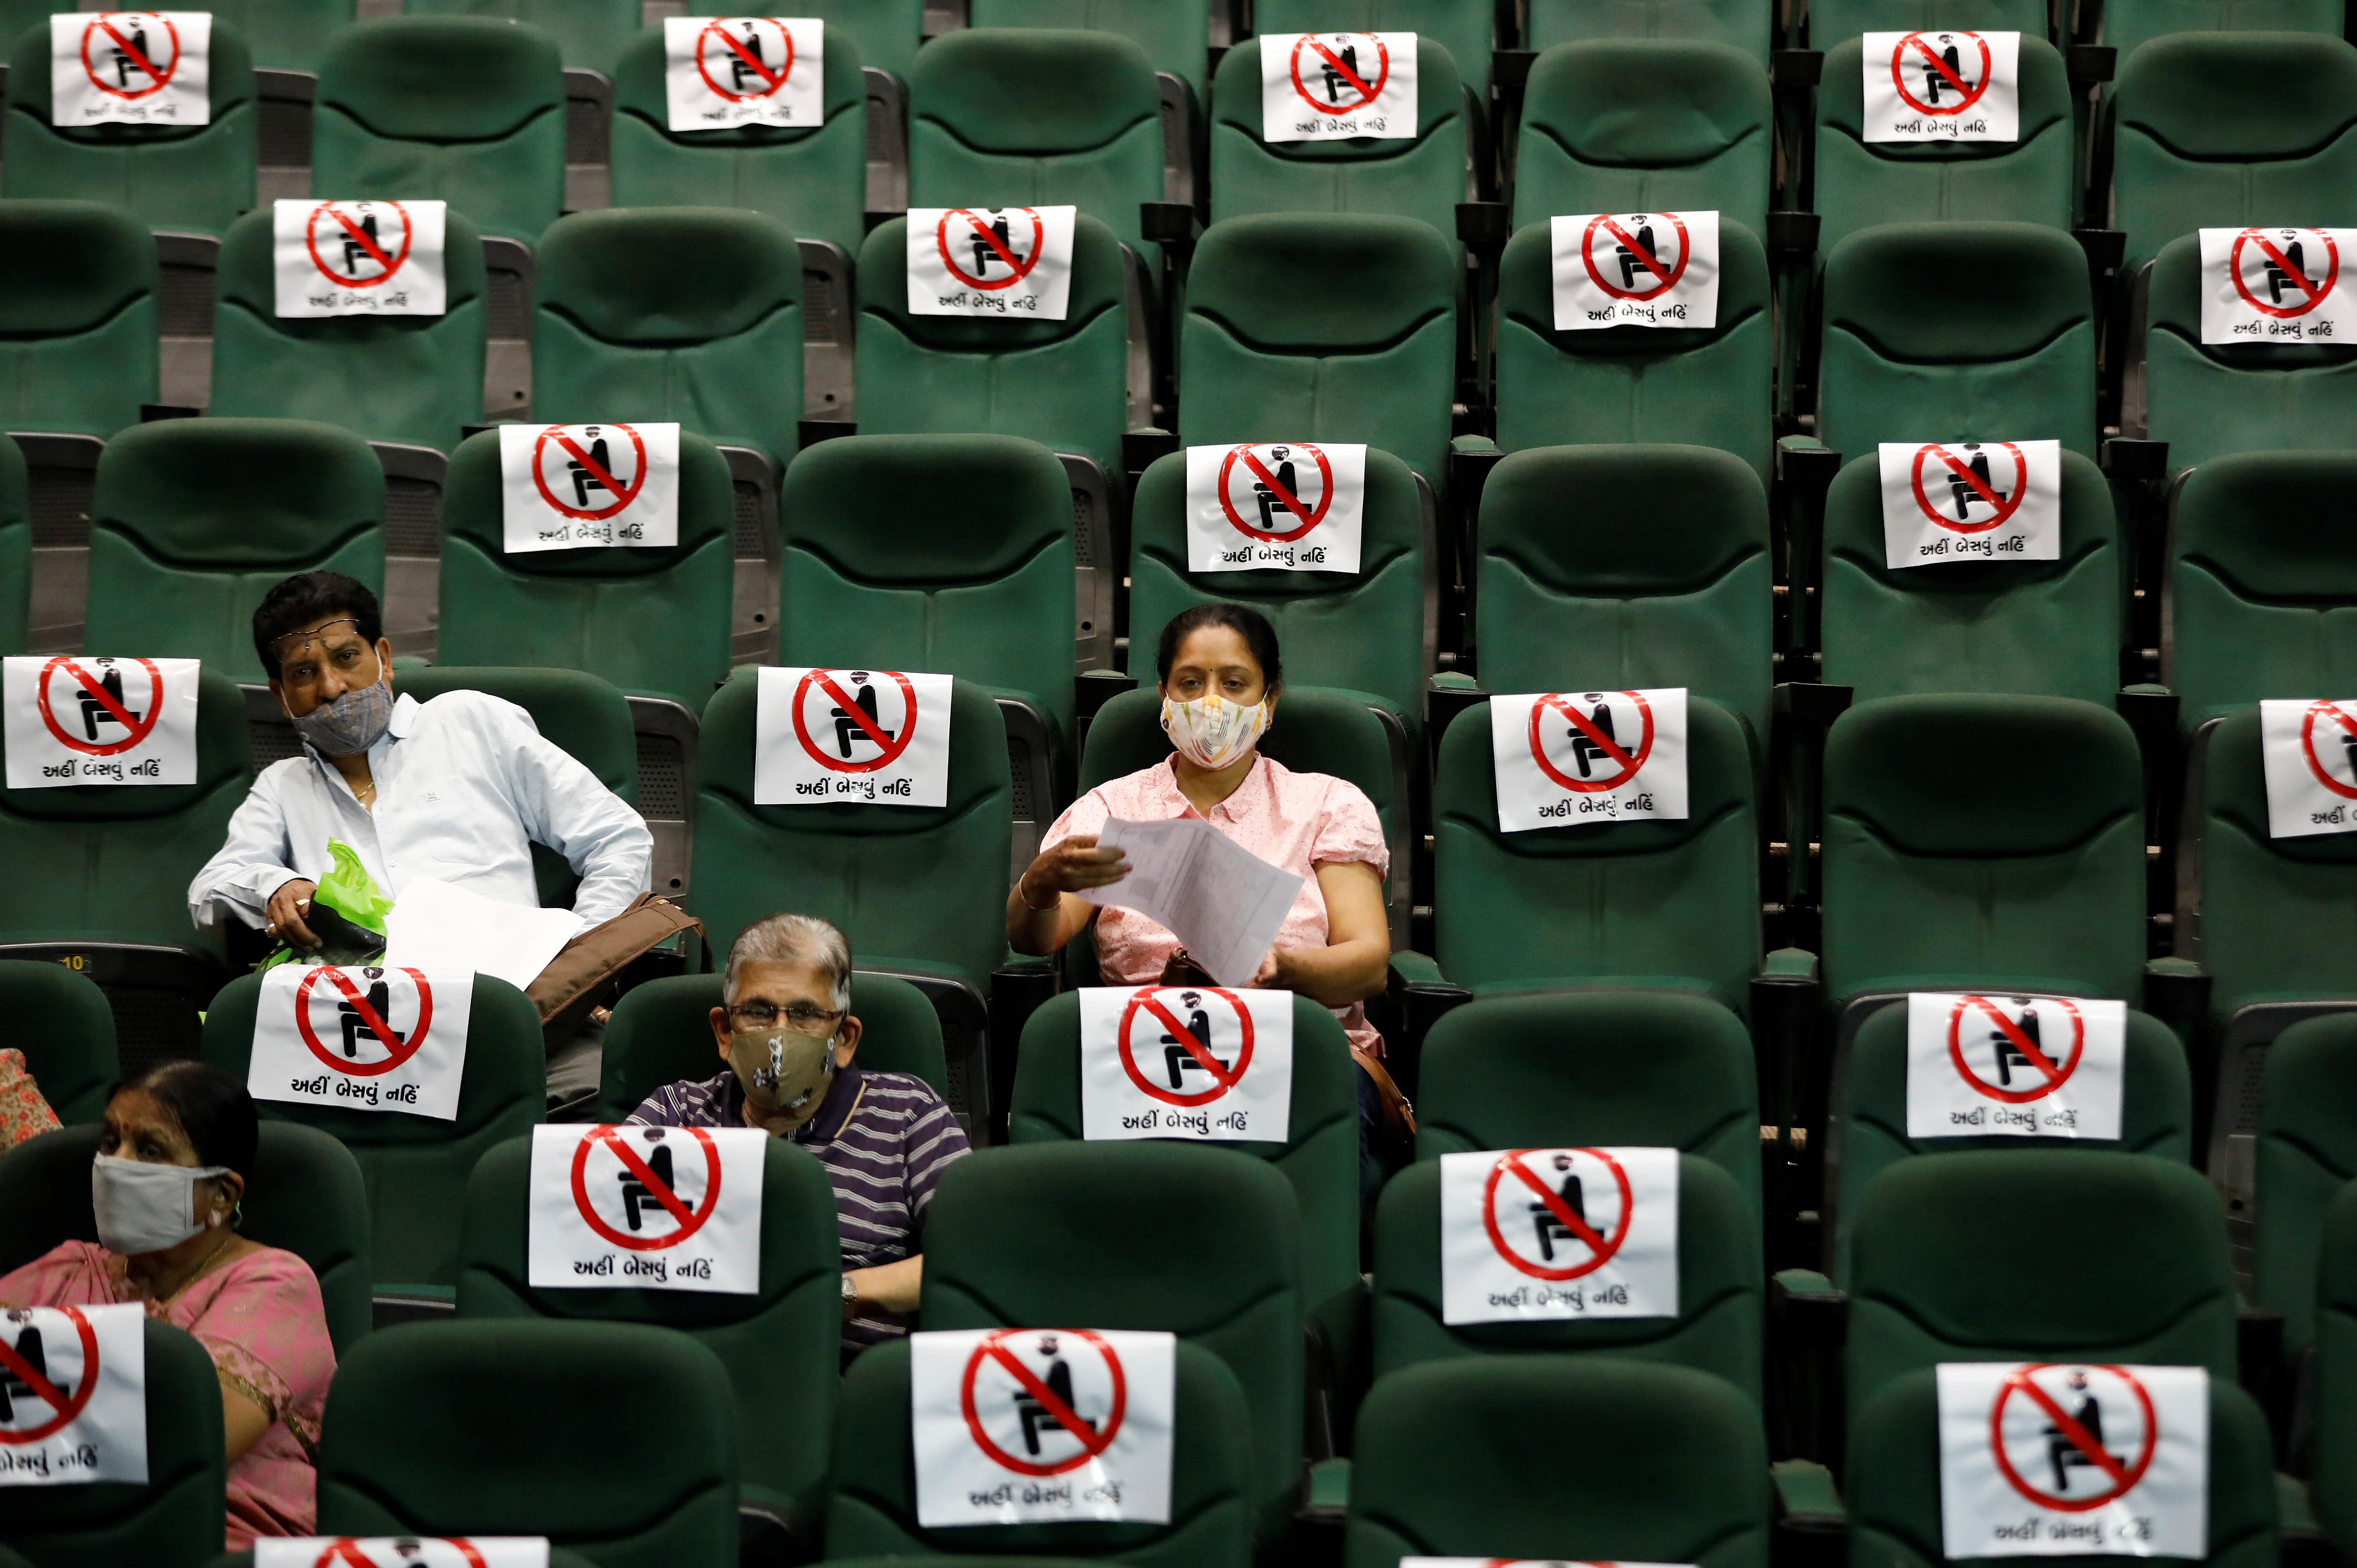 As pessoas esperam após receber a vacinação em um auditório reformado em Ahmedabad, Índia